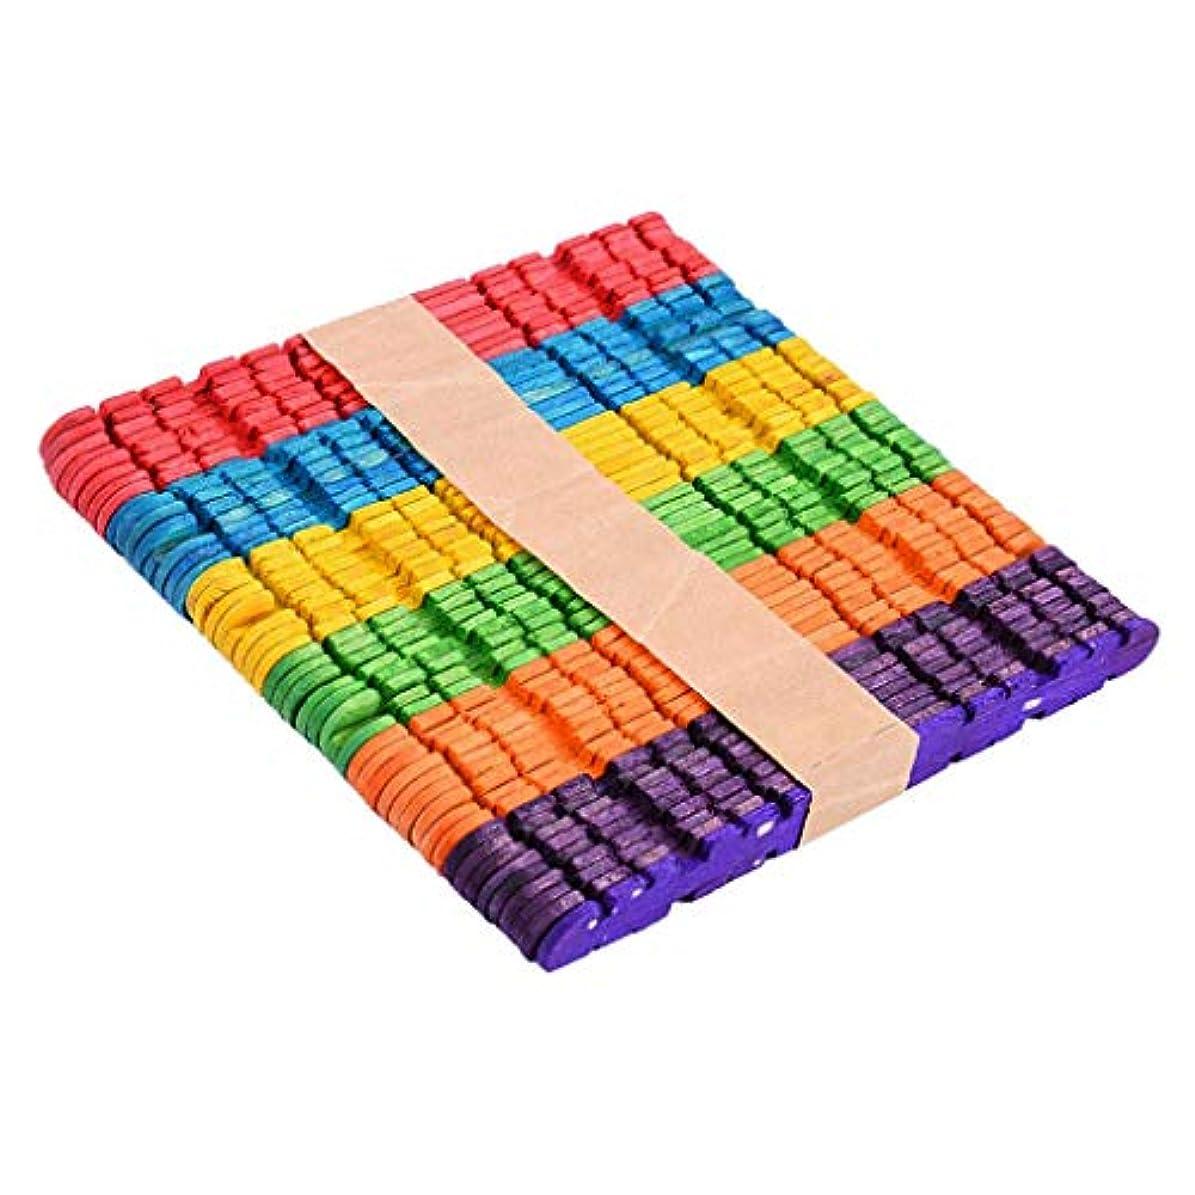 バージン虫を数える満員FidgetGear 50x Toothed Handmade Arts and Crafts Sticks Kids DIY Crafts Popsicle Stick